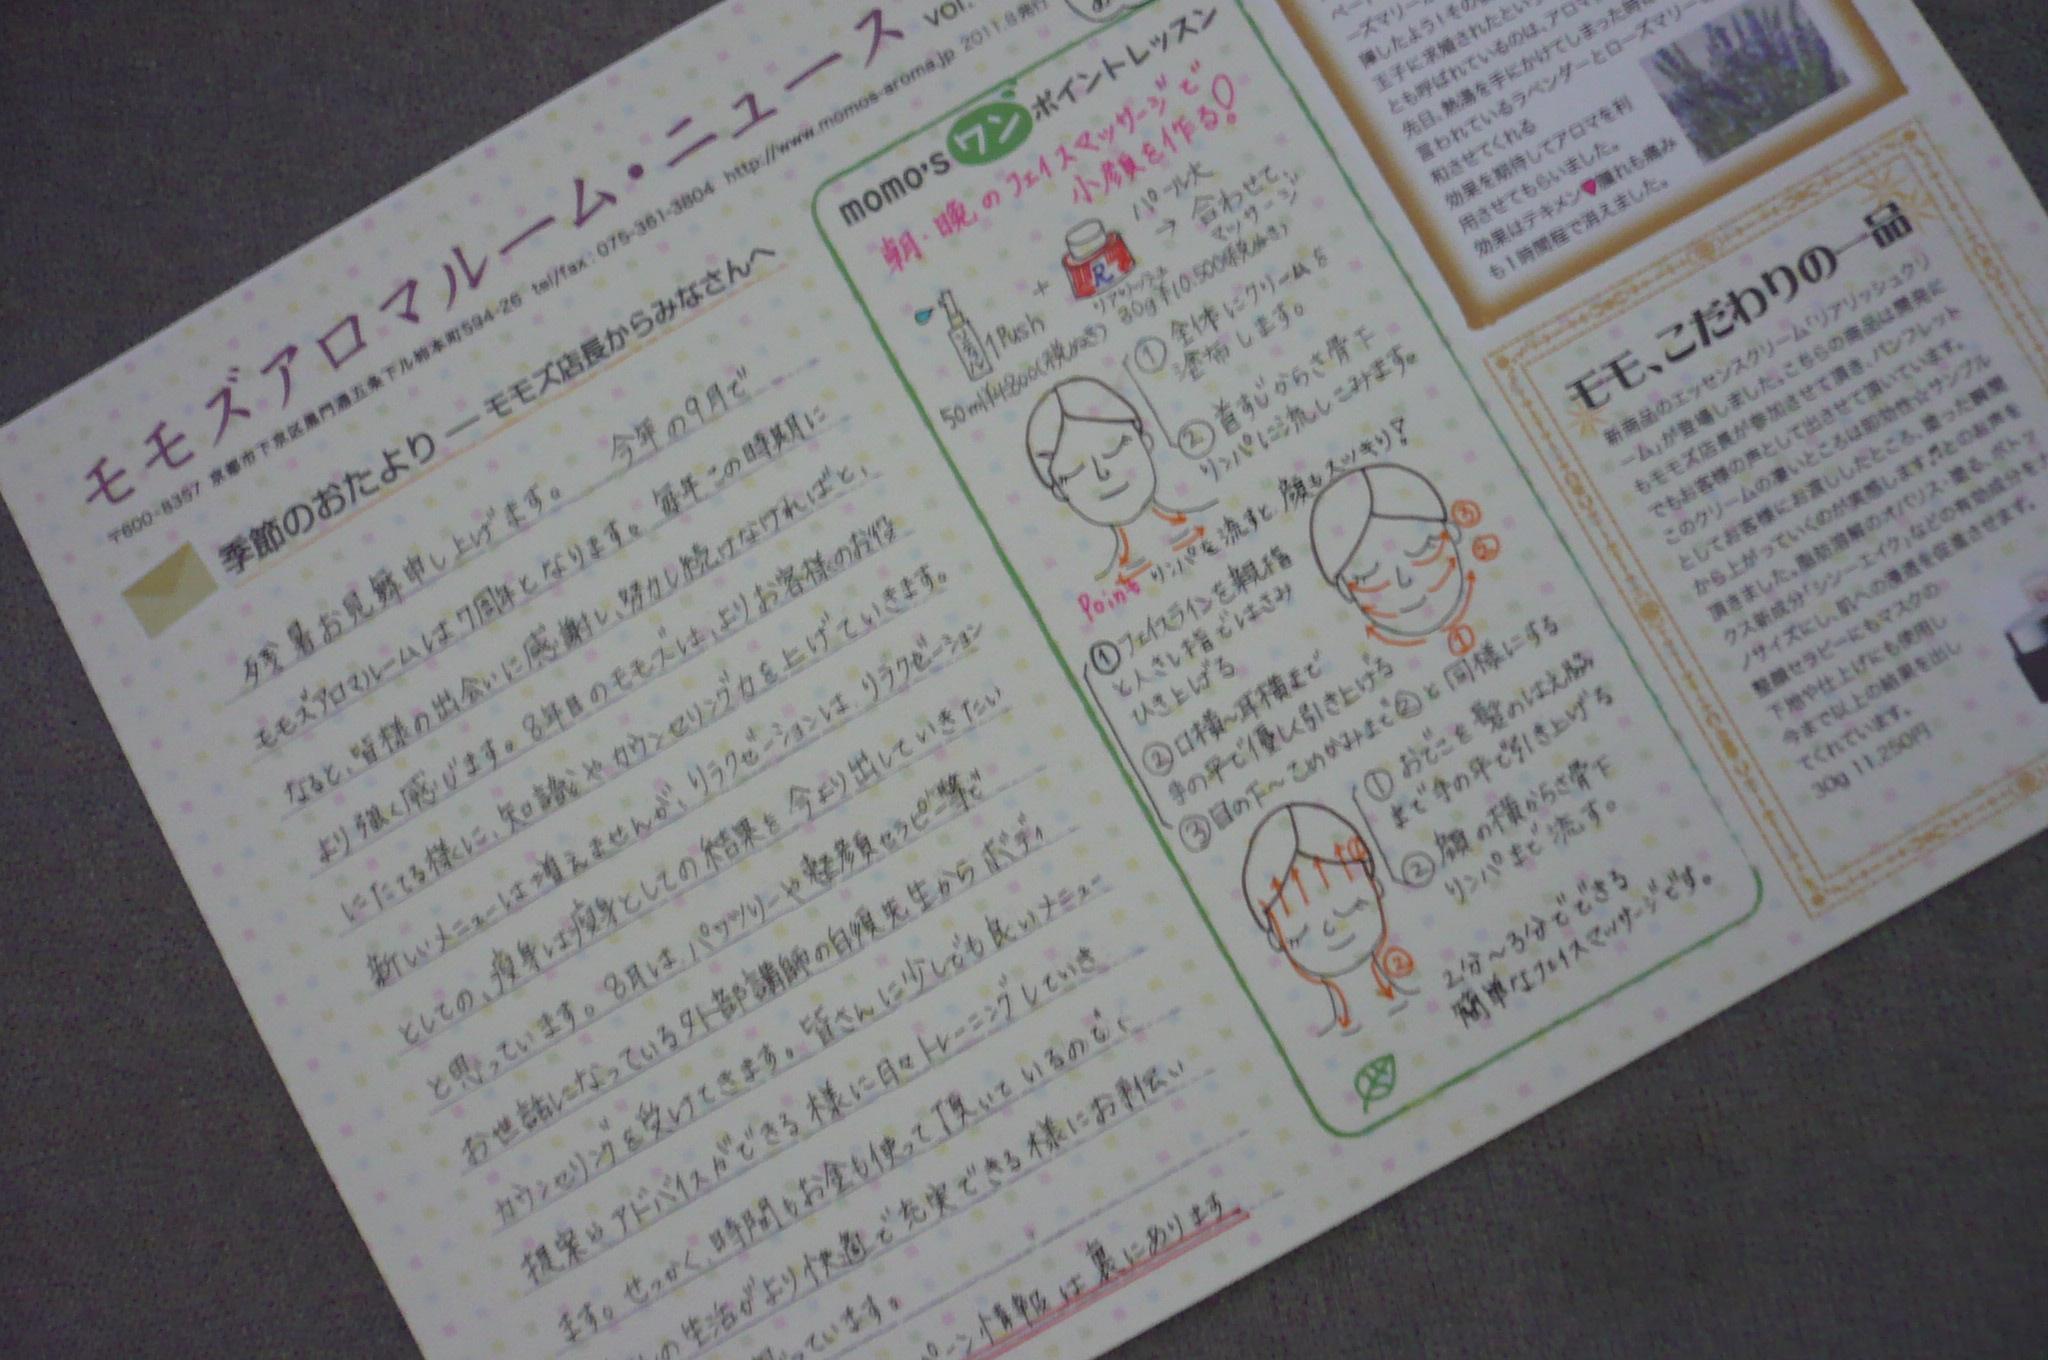 momo's Aroma room 京都のリンパマッサージ & 子連れで行けるアロマサロン-vol.3モモズニュース